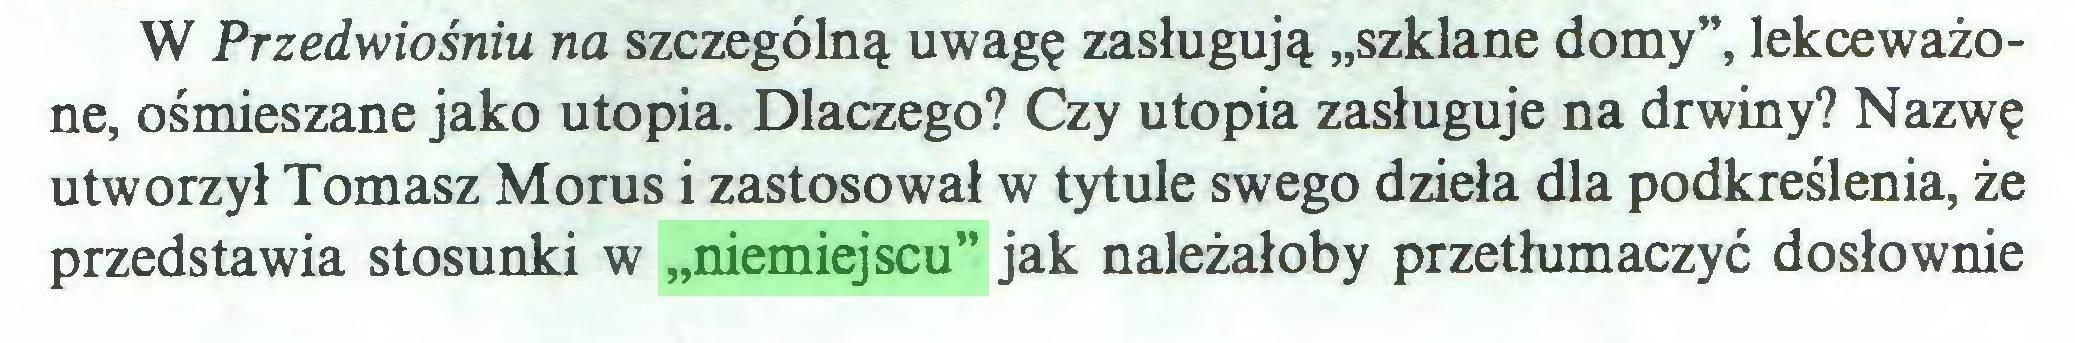 """(...) W Przedwiośniu na szczególną uwagę zasługują """"szklane domy"""", lekceważone, ośmieszane jako utopia. Dlaczego? Czy utopia zasługuje na drwiny? Nazwę utworzył Tomasz Morus i zastosował w tytule swego dzieła dla podkreślenia, że przedstawia stosunki w """"niemiejscu"""" jak należałoby przetłumaczyć dosłownie..."""